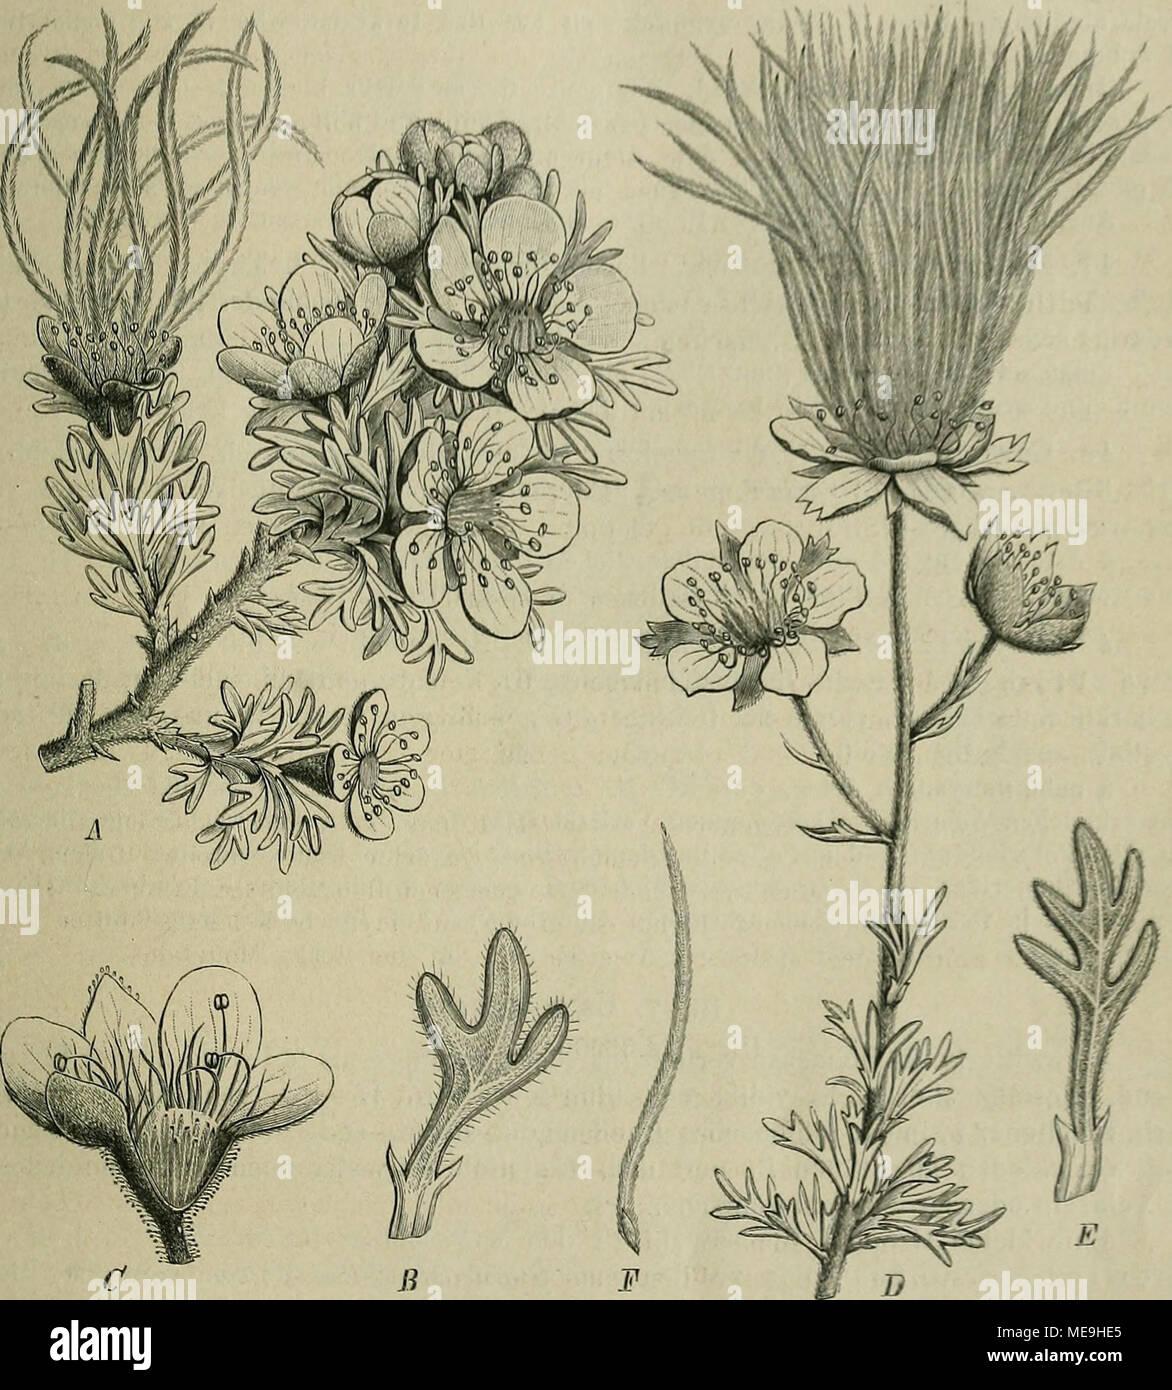 . Die Natürlichen Pflanzenfamilien : nebst ihren Gattungen und wichtigeren Arten, insbesondere den Nutzpflanzen . Fig. 16. Ä 0 Coiiania mexicana Don. Ä blüliender Zweig; b ein B. vergr.: C Beato geöffnet nach der Entfernung Gr. - D-F Fallugia paradoxa (Don) Endl. J) blühender Zweig: E ein B. vergr., F ein Gr. (Nach Don en Transact. de la Linn. Soc. XIV. t. 22.) ist. - G. japonicitm Thbg. (G. macrophyllum Willd.' en Ostasien und Nordamerika. - G. coccineum Sibth. et Sm. ist auf der Balkanhalbinsel heimisch und wird wegen cerquero schönen roten Beato als Zierpfl. gebaut. - Ähnlich ist das südamerikan Foto de stock